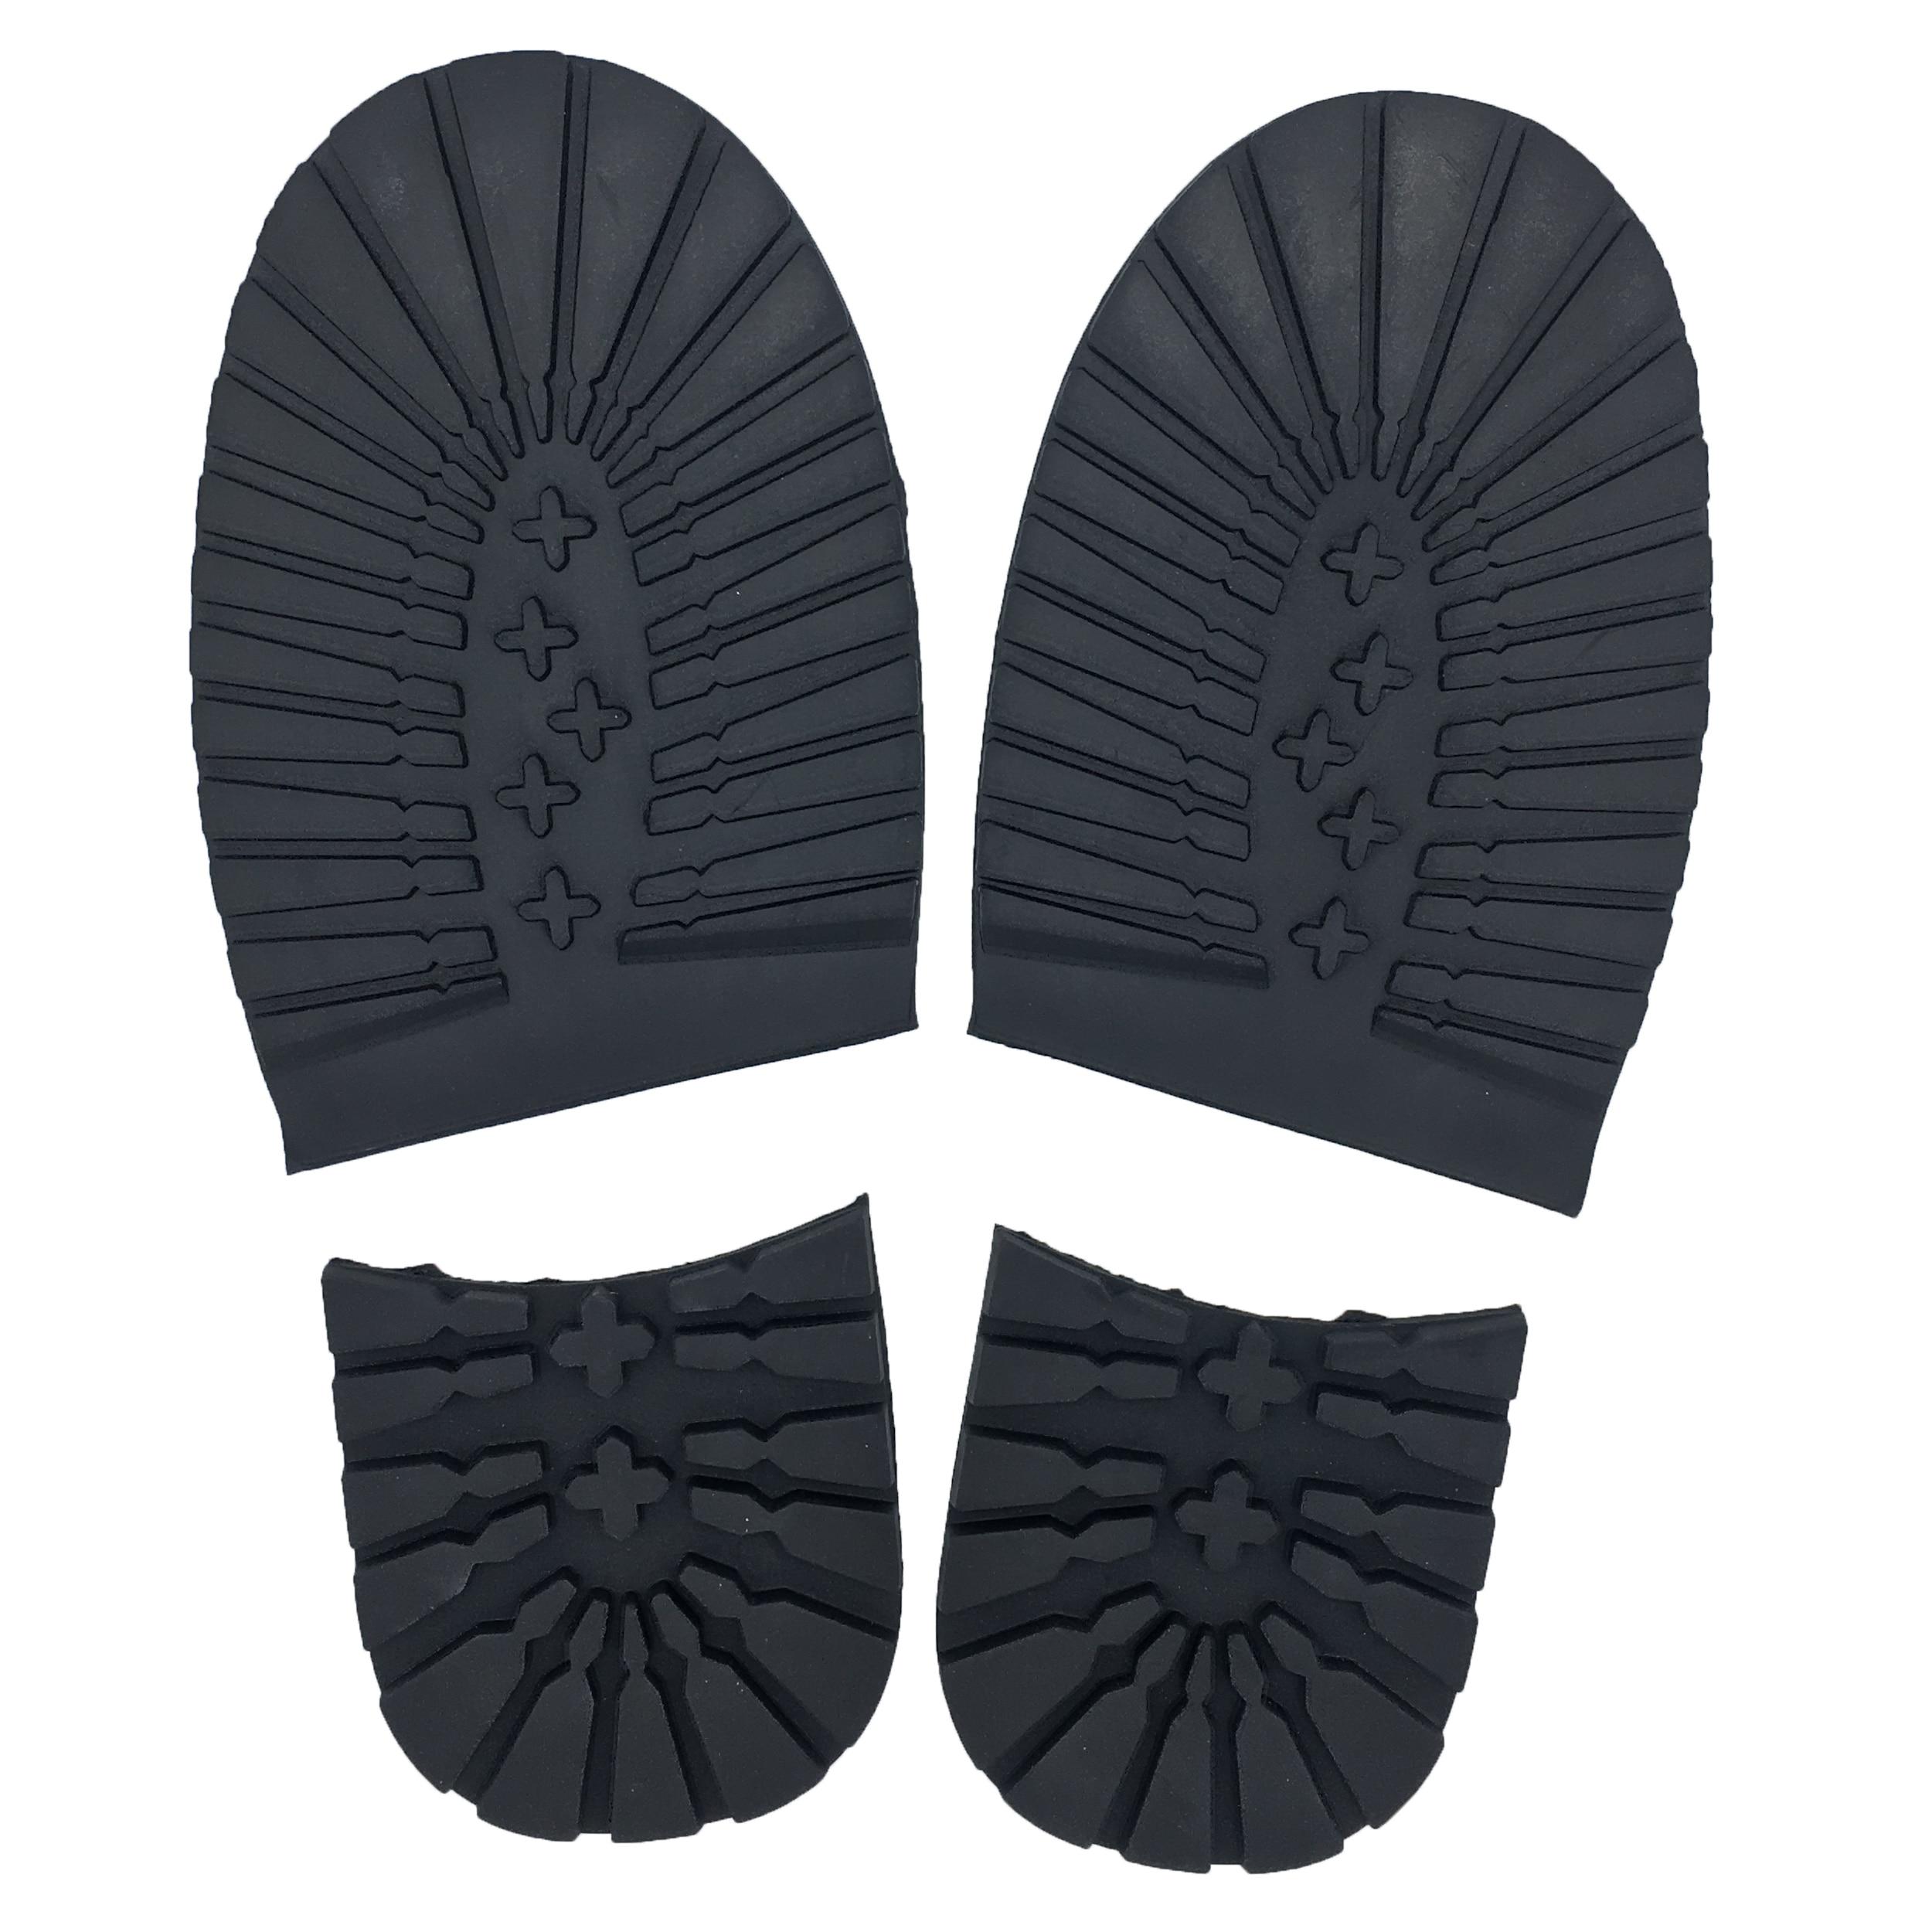 Suela de goma KANEIJI, suela de hielo y nieve, suela de zapato de escalada, suela completa, Media suela, tacones, colores Zapatos casuales de senderismo para hombre suelas al aire libre zapatos de senderismo suelas deportivas suela de tendón suela de camello marrón antideslizante